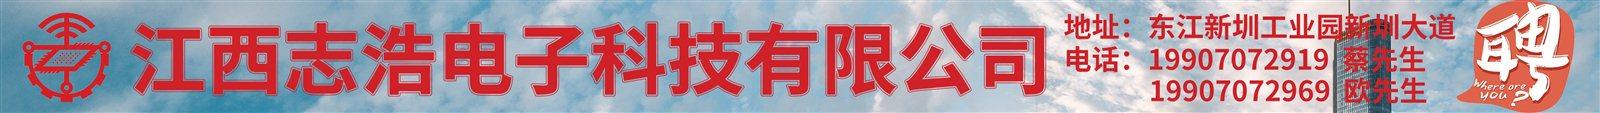 江西志浩電子科技有限公司